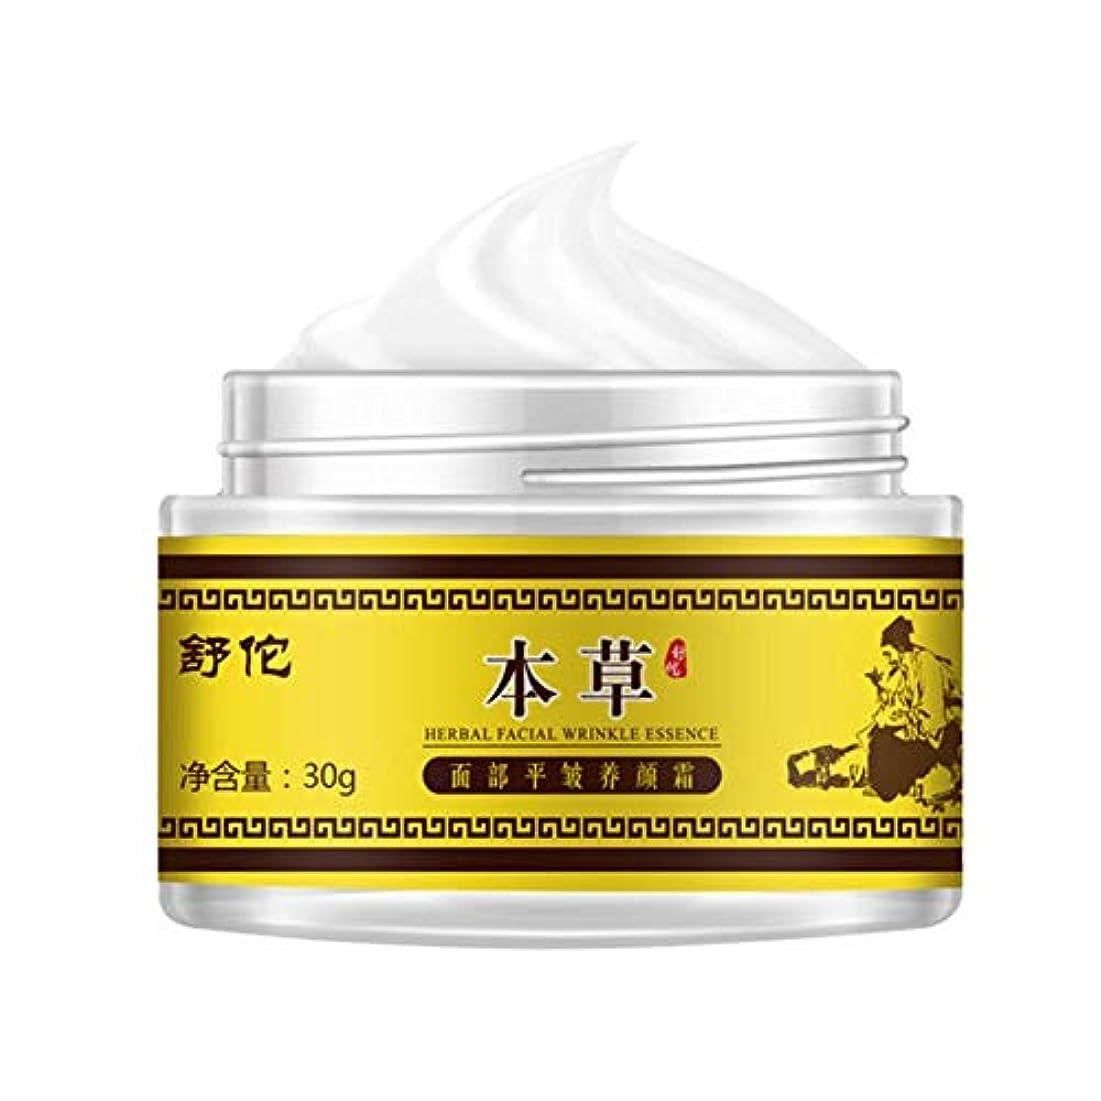 特別にひどくスマートBETTER YOU (ベター ュー) 本草 面部 養顔クリーム しわ取り 細目を淡化する ハイライト 潤い 修復 保湿 補水 クリーム